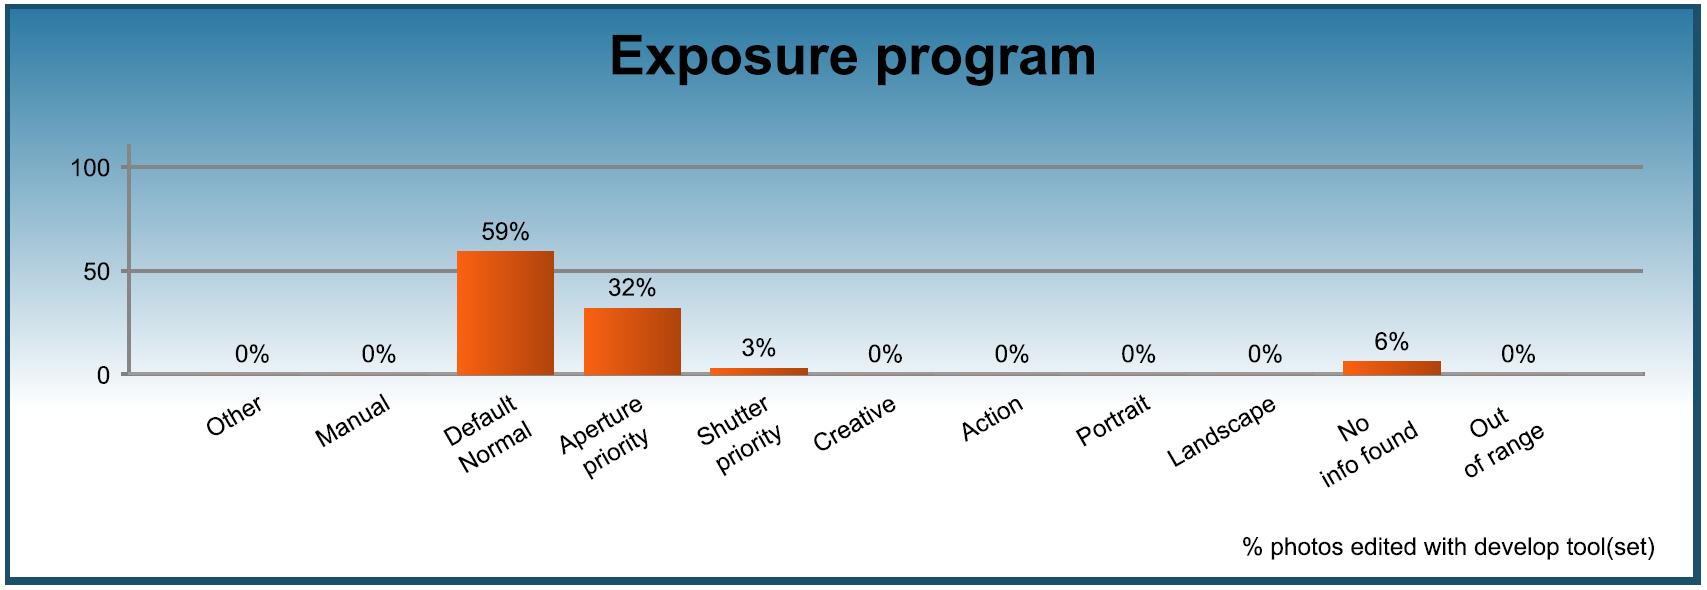 Assessment - Exposure program